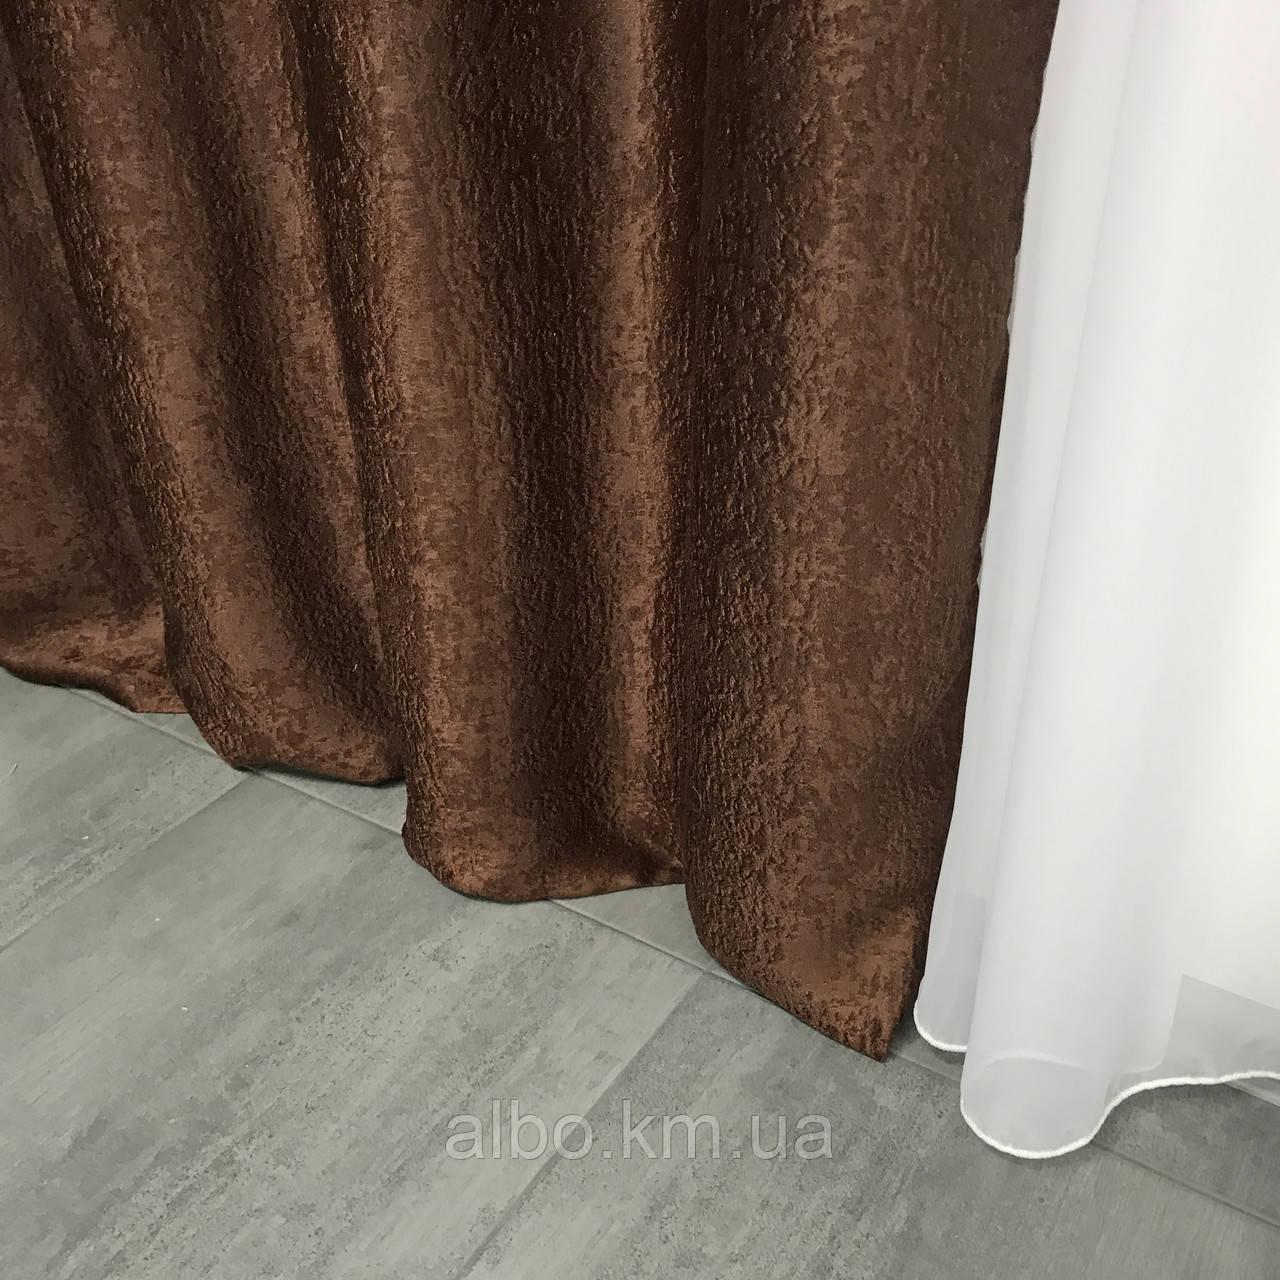 Штори в спальню кімнату квартиру Блекаут, штори блекаут софт для залу спальні кімнати передпокою, красиві штори для спальні кухні